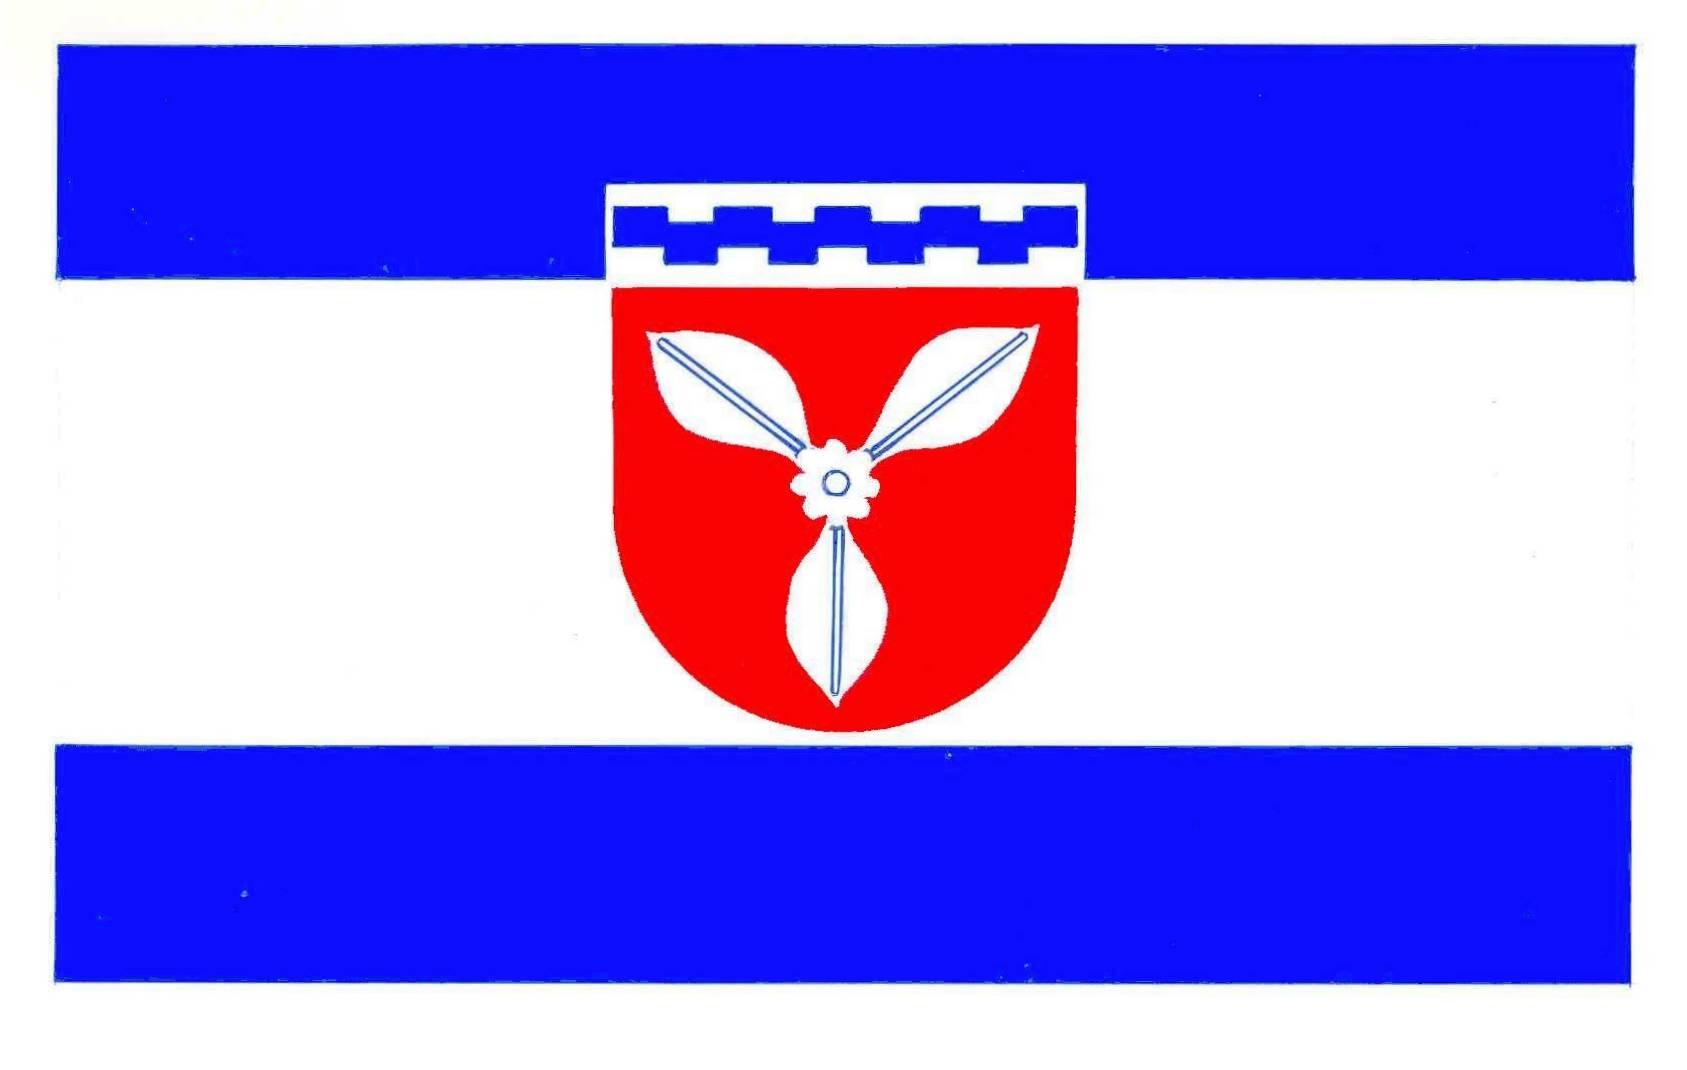 Flagge GemeindeAscheberg, Kreis Plön